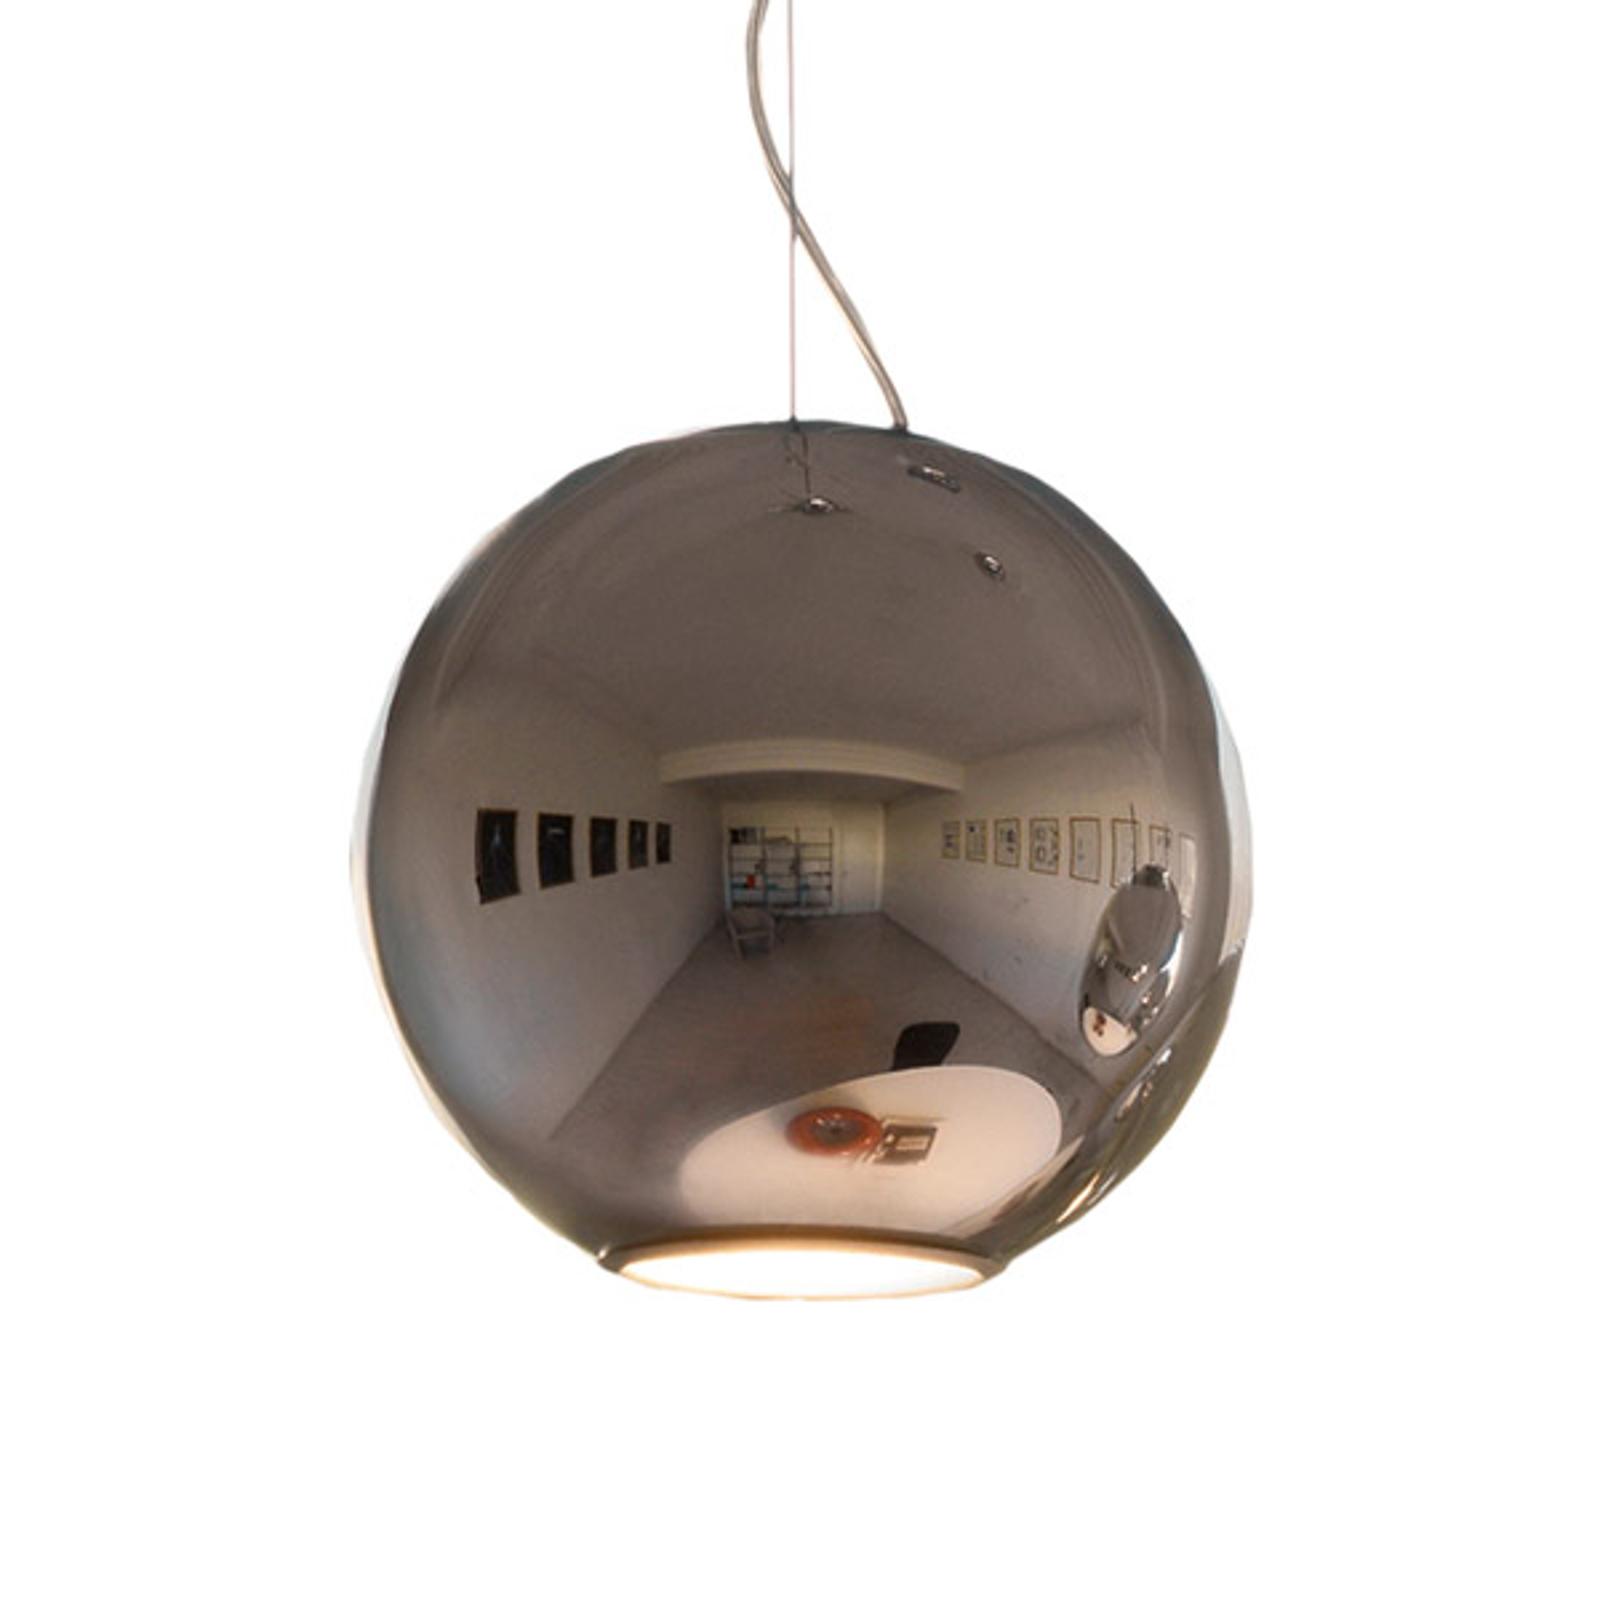 Lampada a sospensione GLOBO DI LUCE - 20 cm